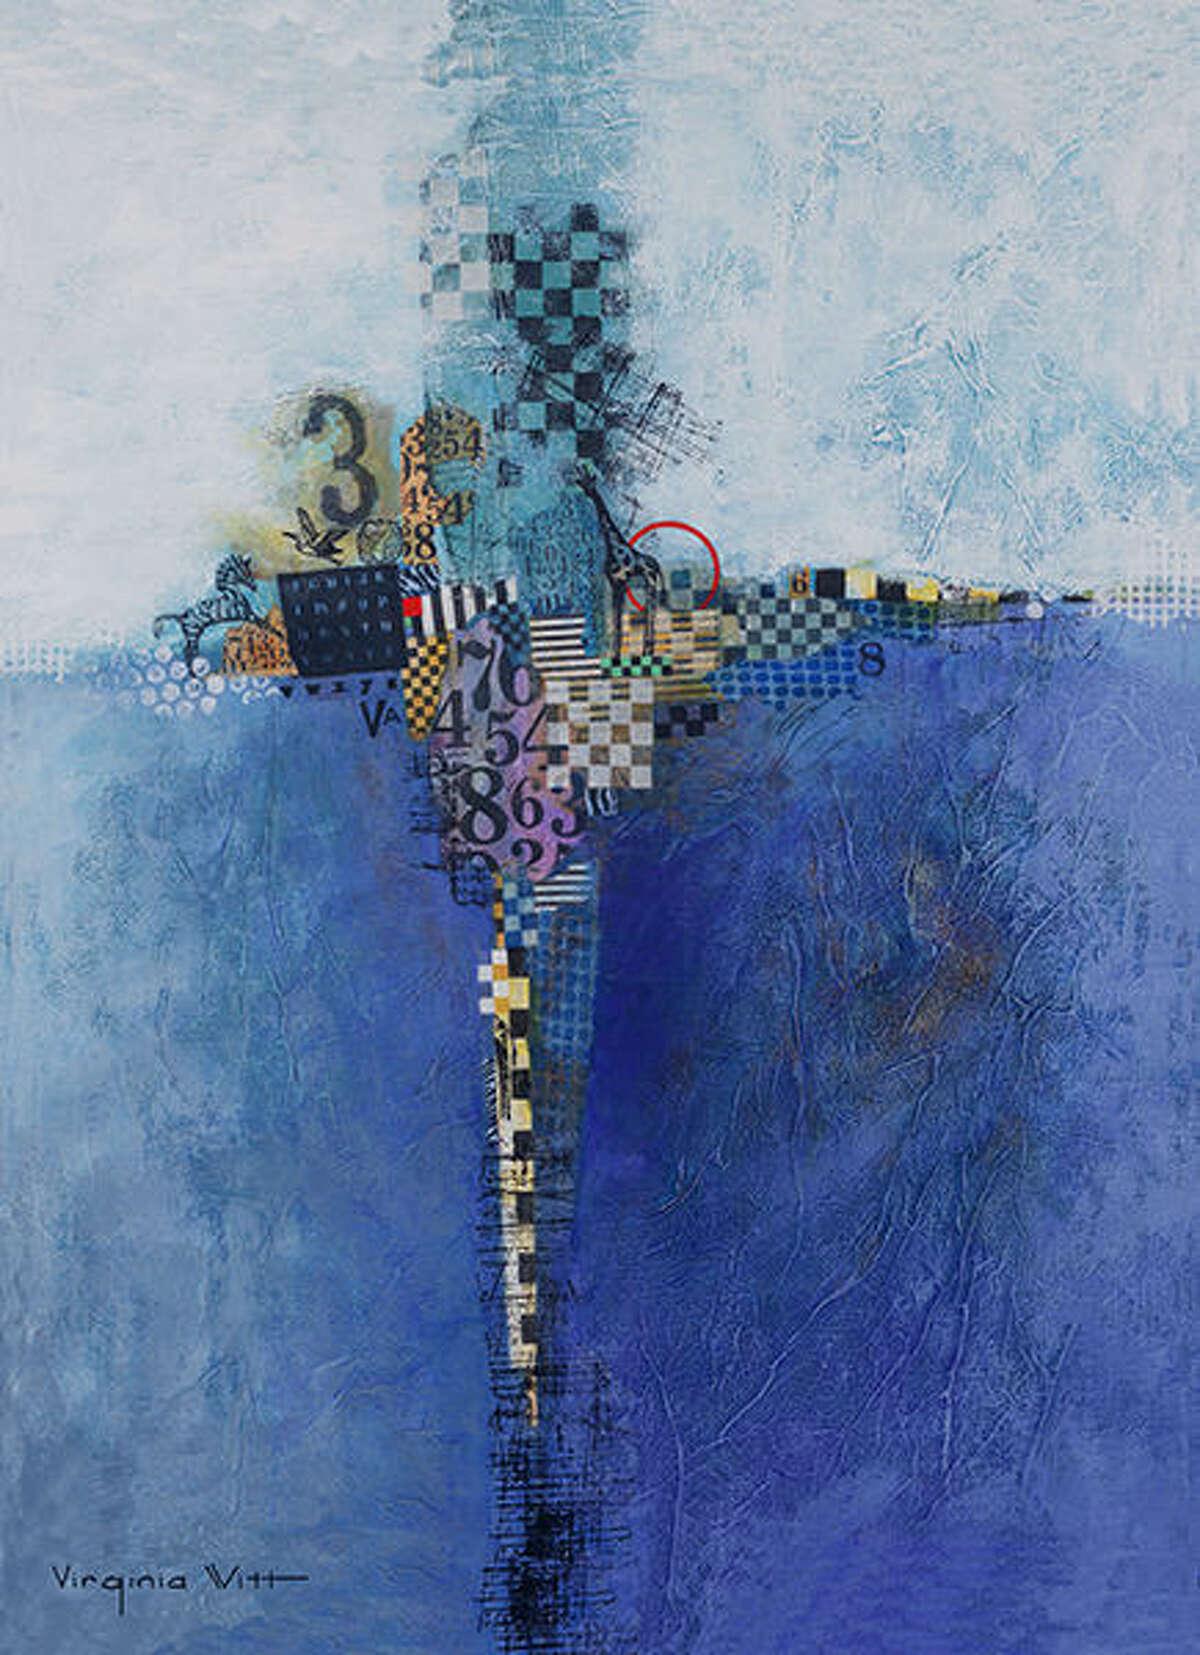 A work by Virginia Witt.